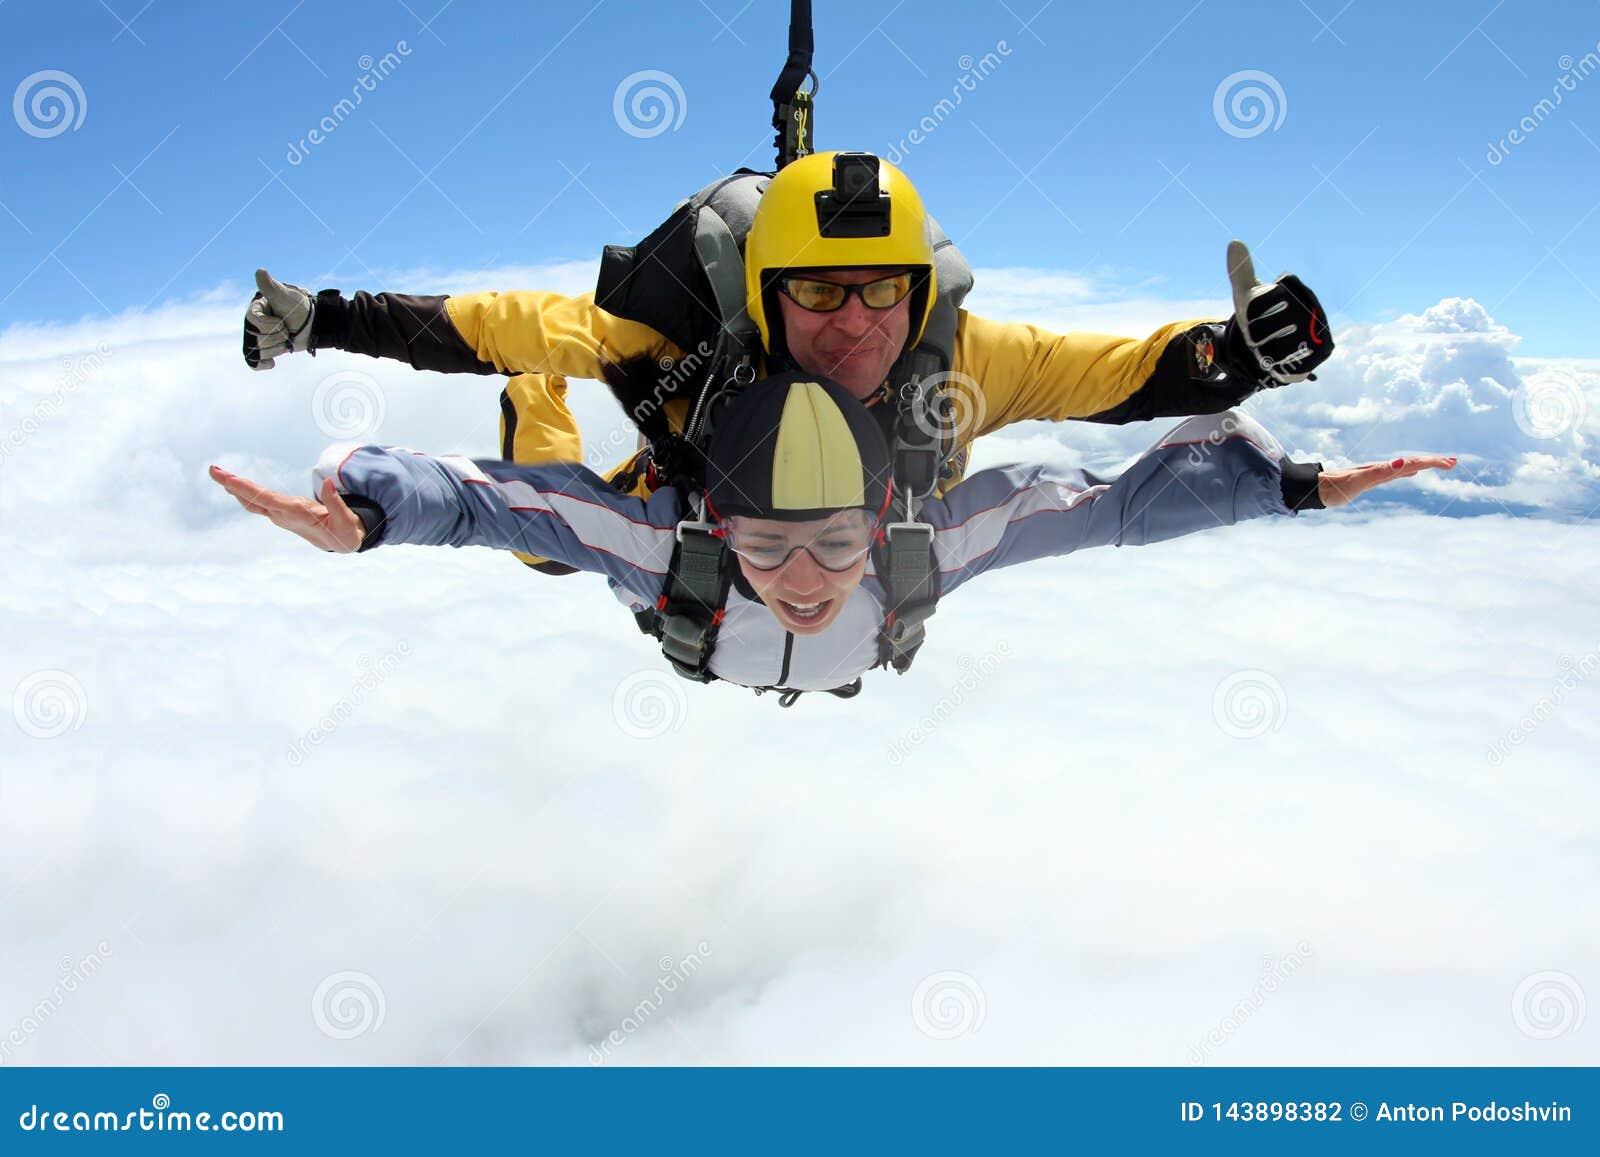 Διαδοχικό άλμα Ελεύθερη πτώση με αλεξίπτωτο στο μπλε ουρανό